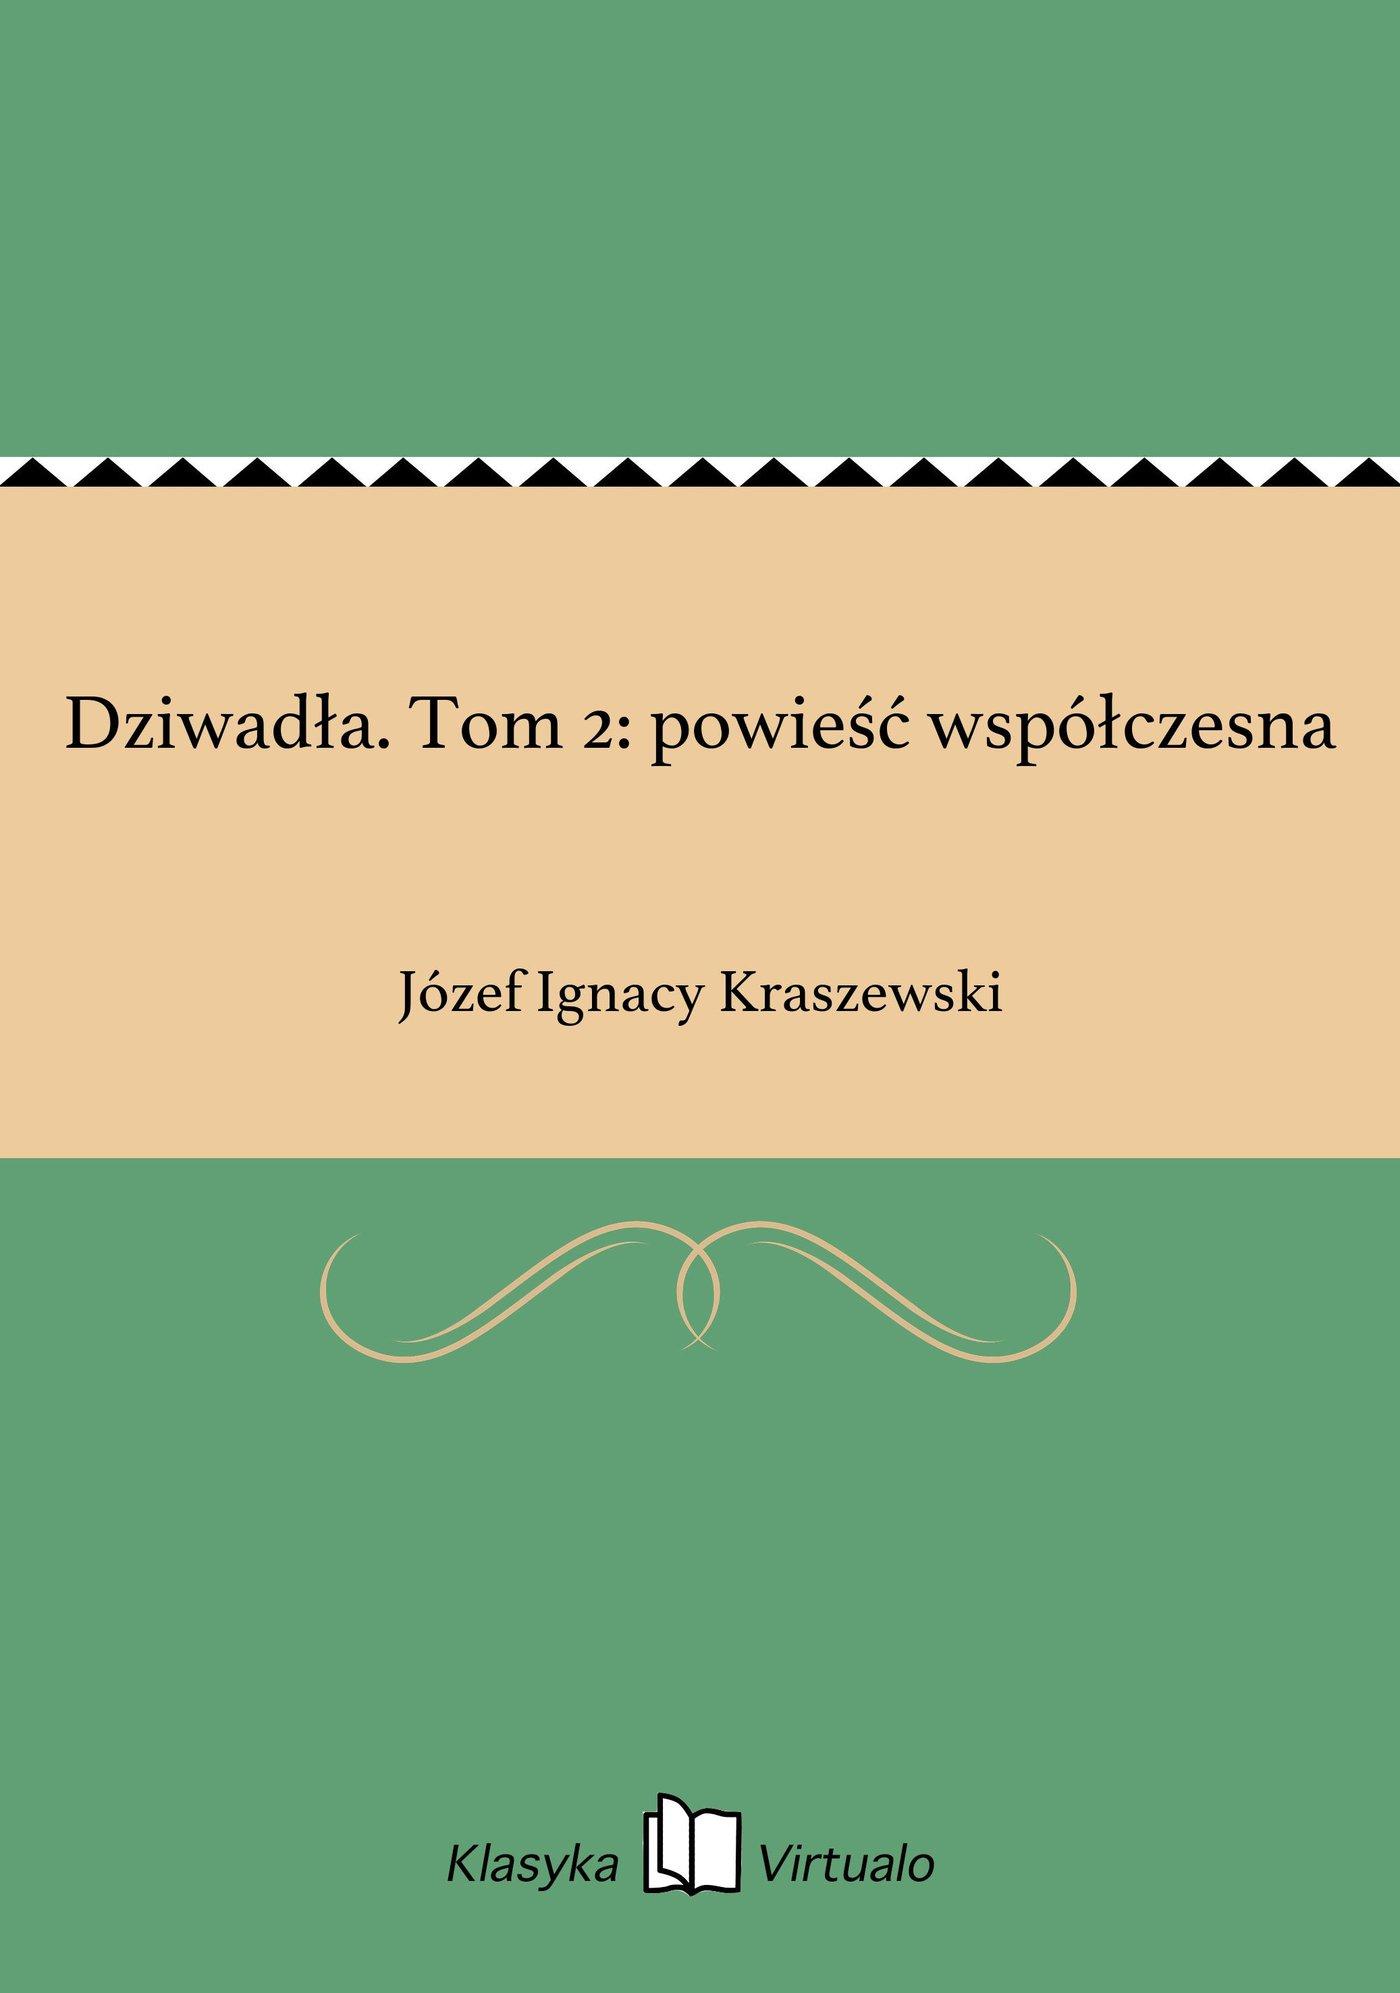 Dziwadła. Tom 2: powieść współczesna - Ebook (Książka na Kindle) do pobrania w formacie MOBI